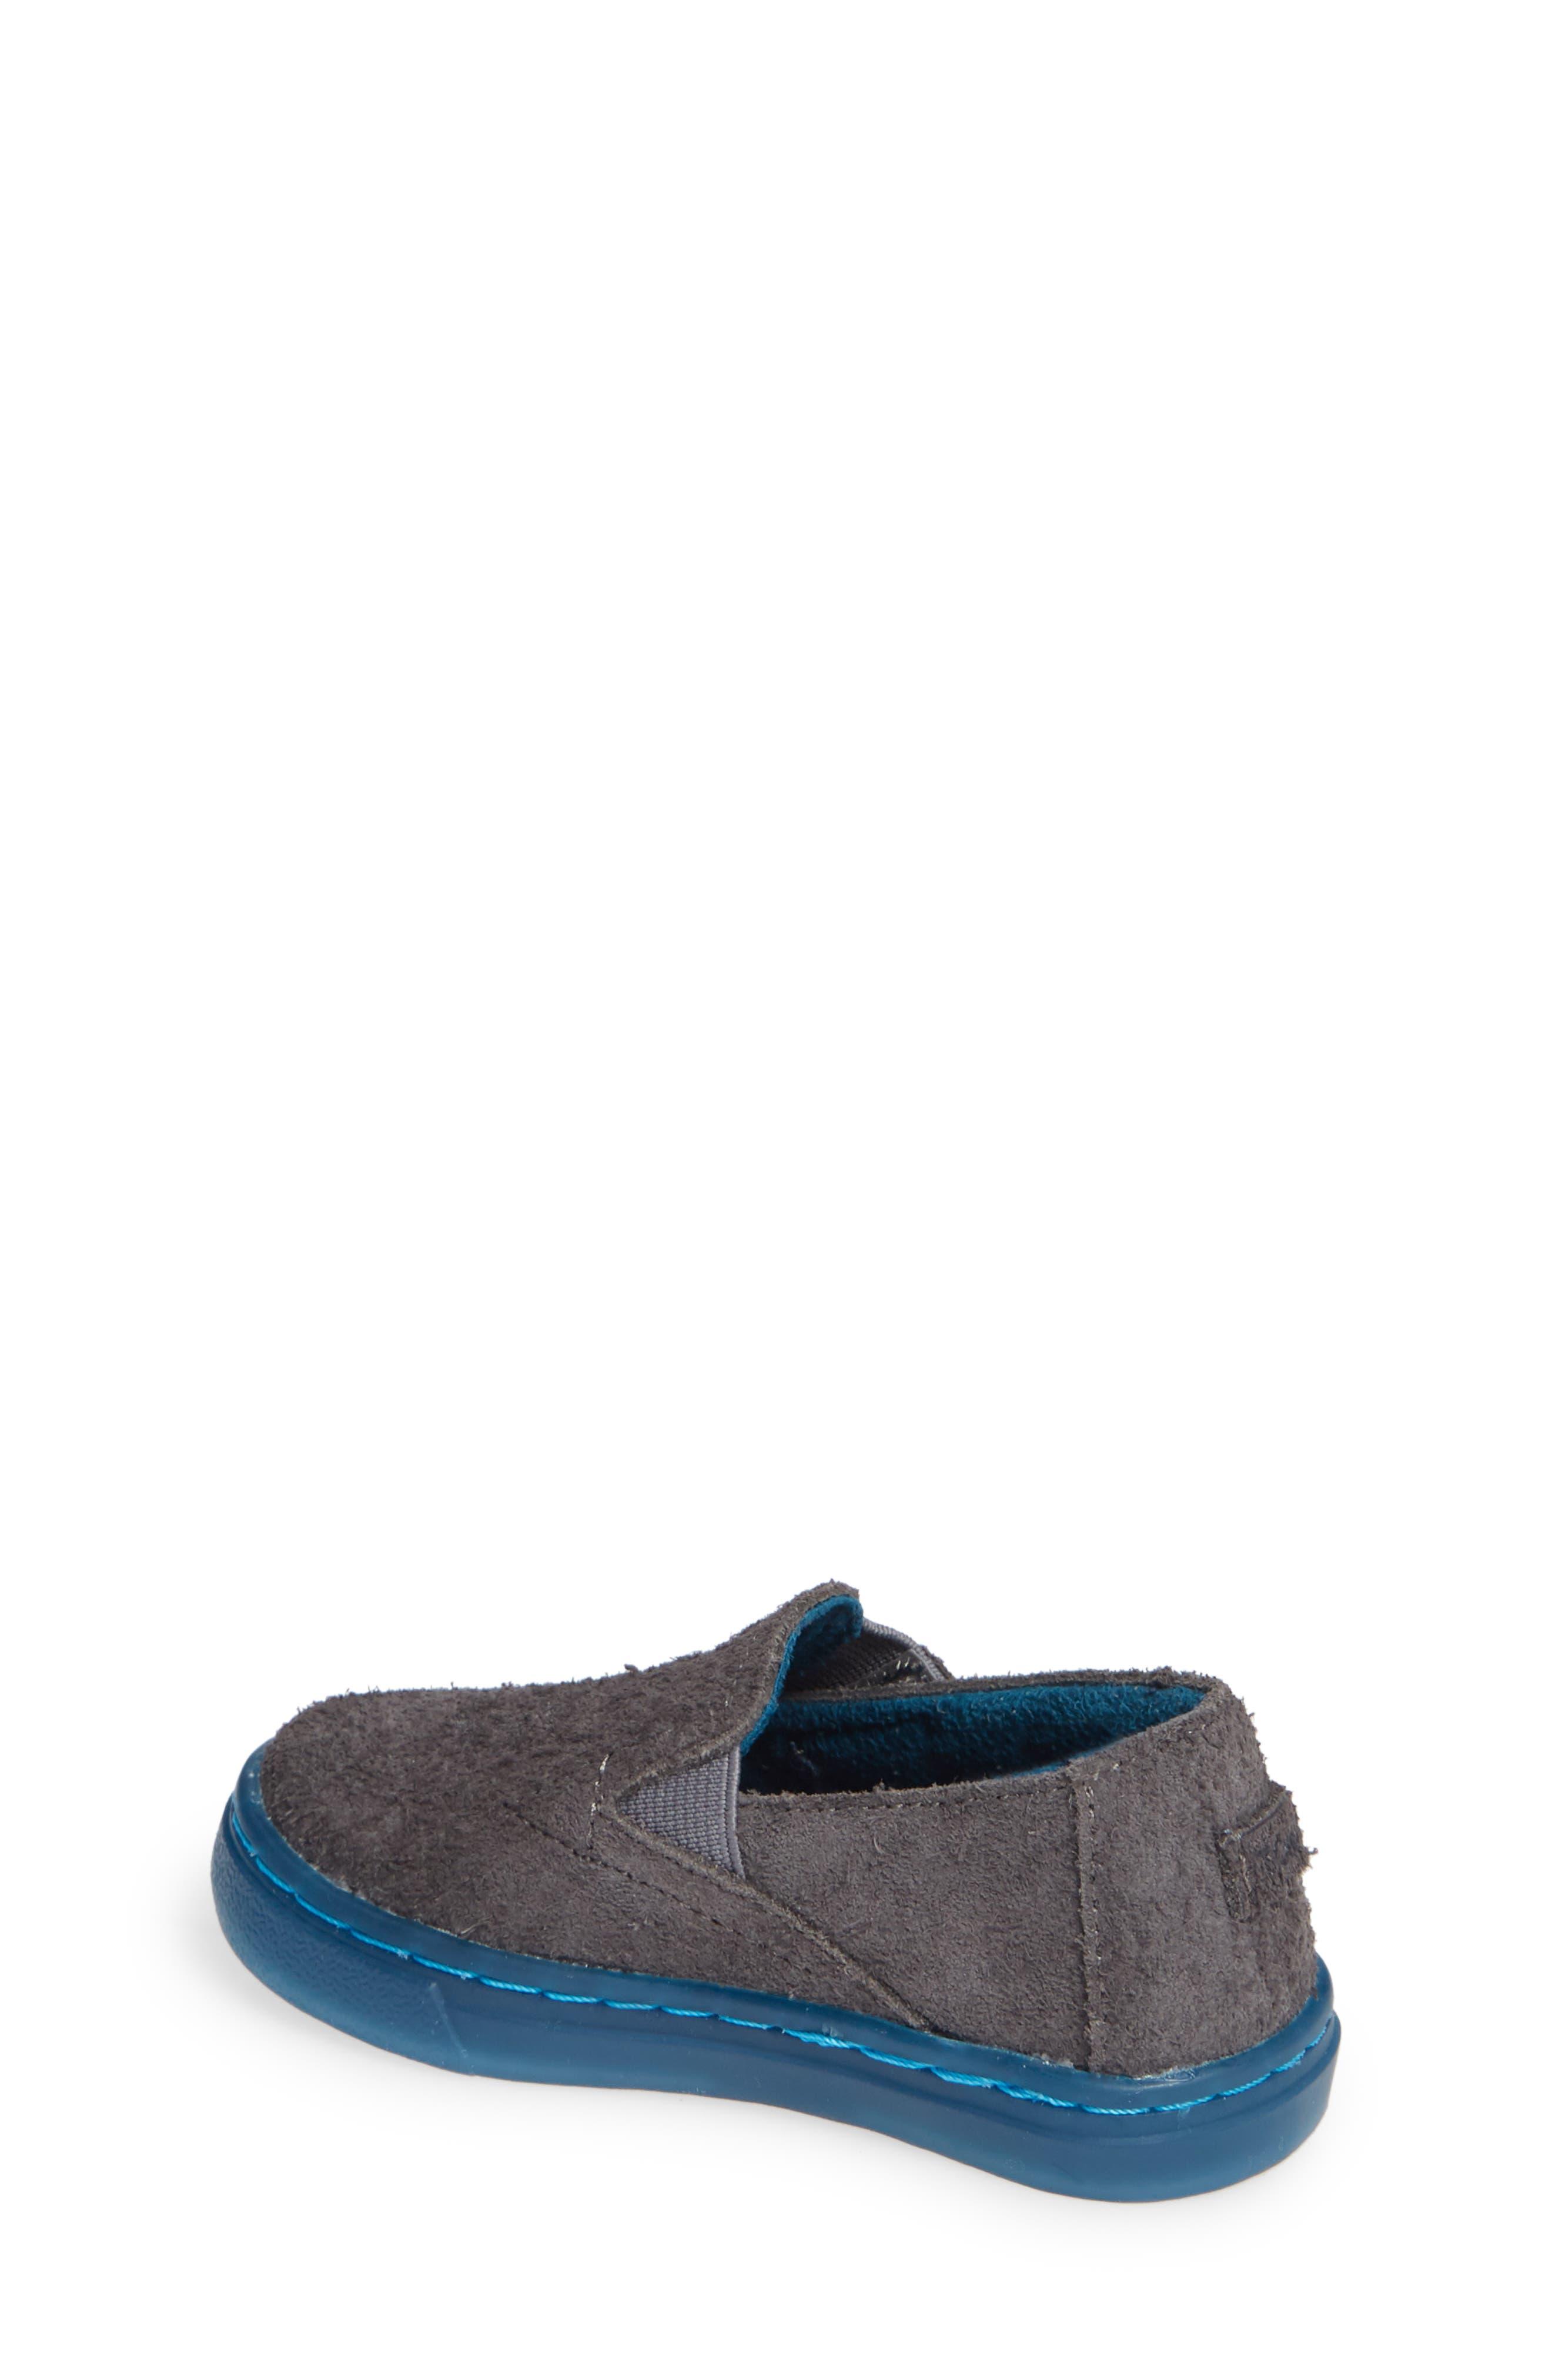 Luca Slip-On Sneaker,                             Alternate thumbnail 11, color,